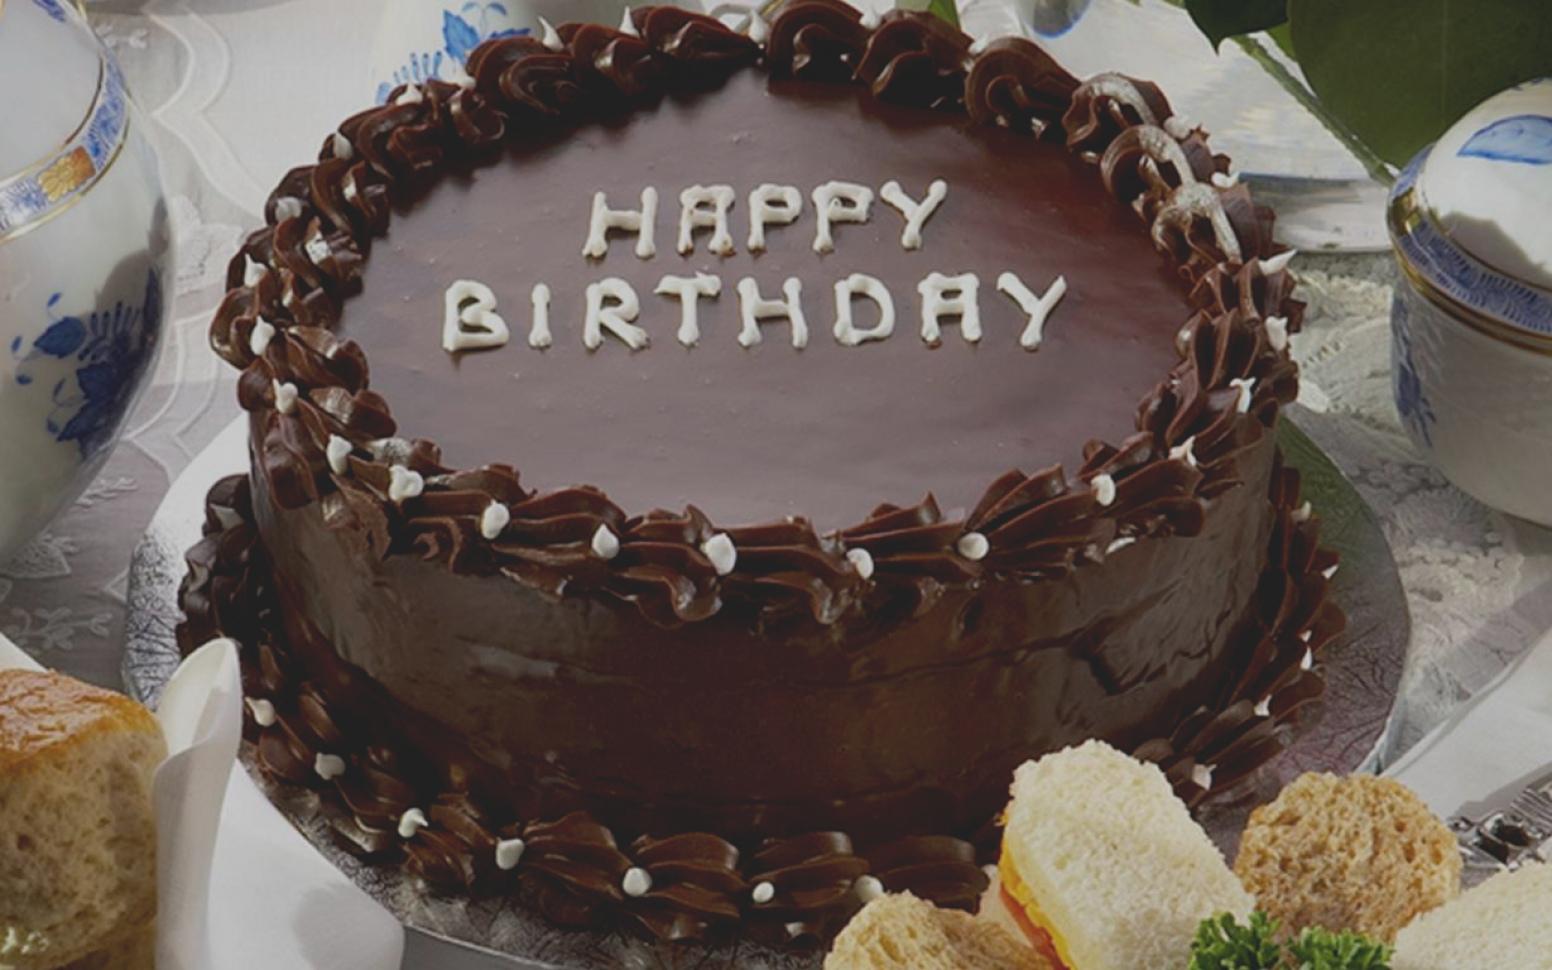 بالصور صور كيك عيد ميلاد , صور كيك عيد ميلاد شهيه جدا 2304 10